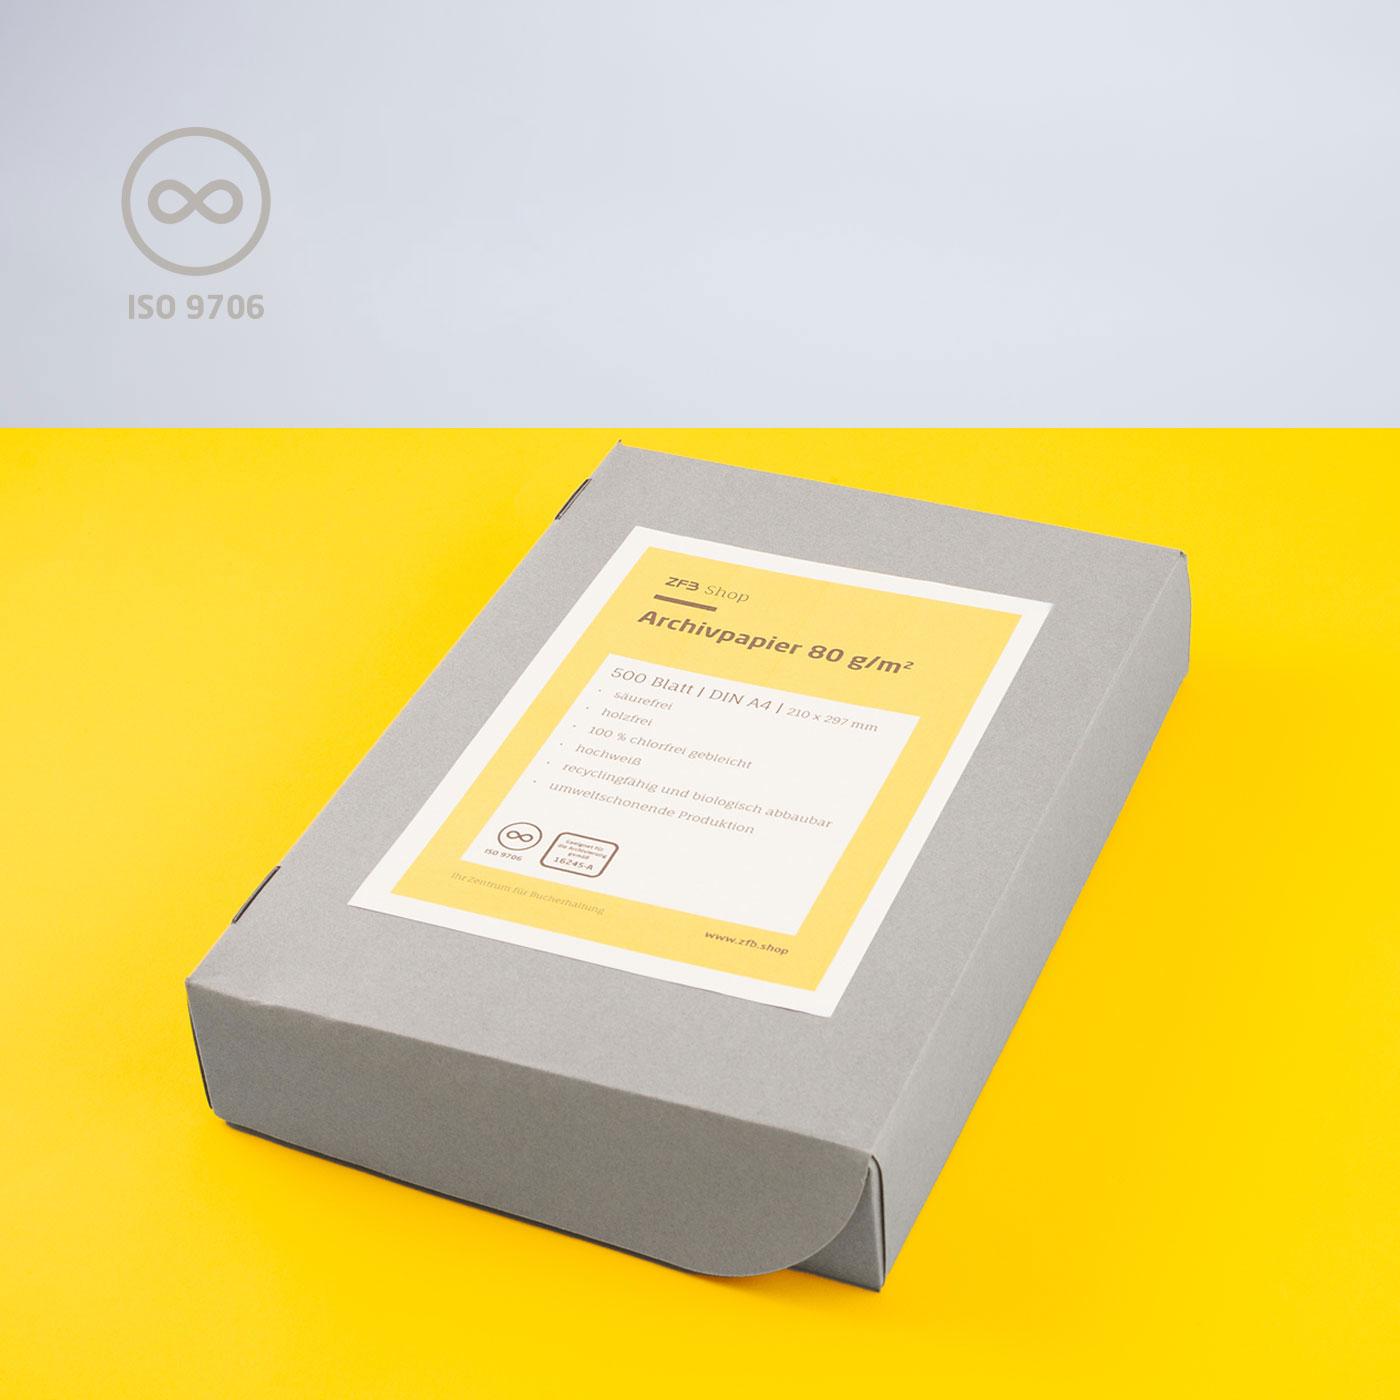 Archivpapier - 80 g/m²